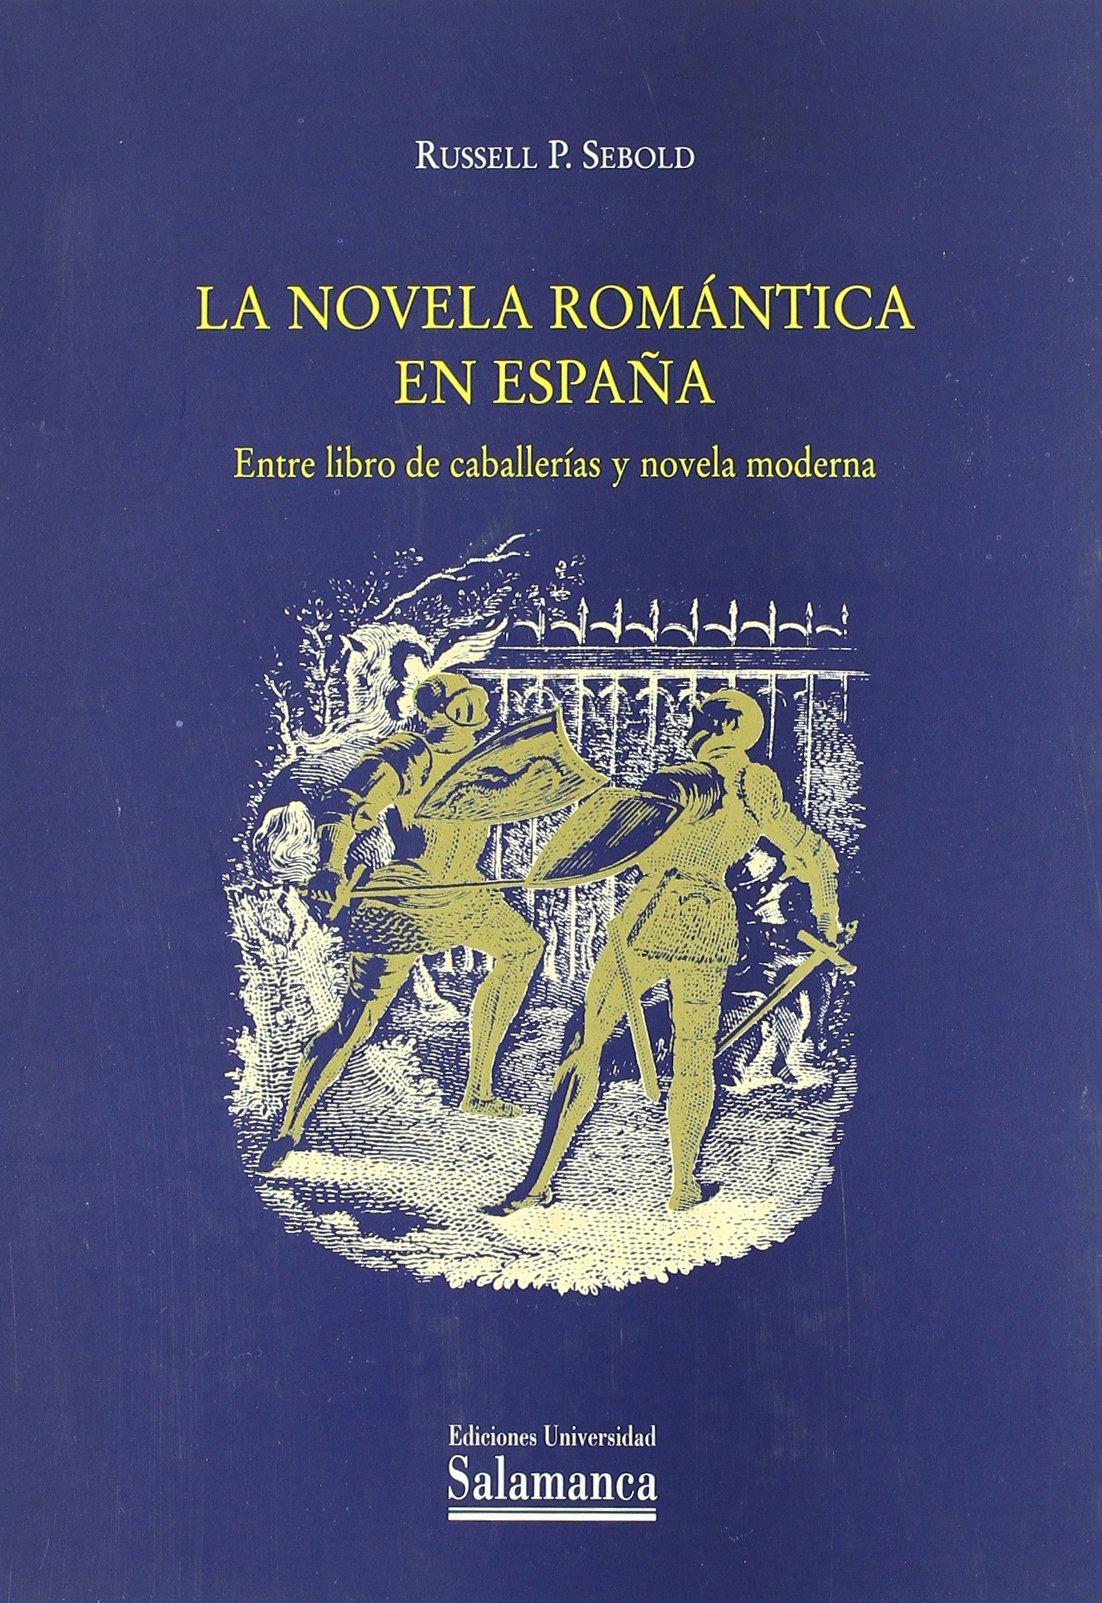 La novela romántica en España: Entre libro de caballerías y novela ...